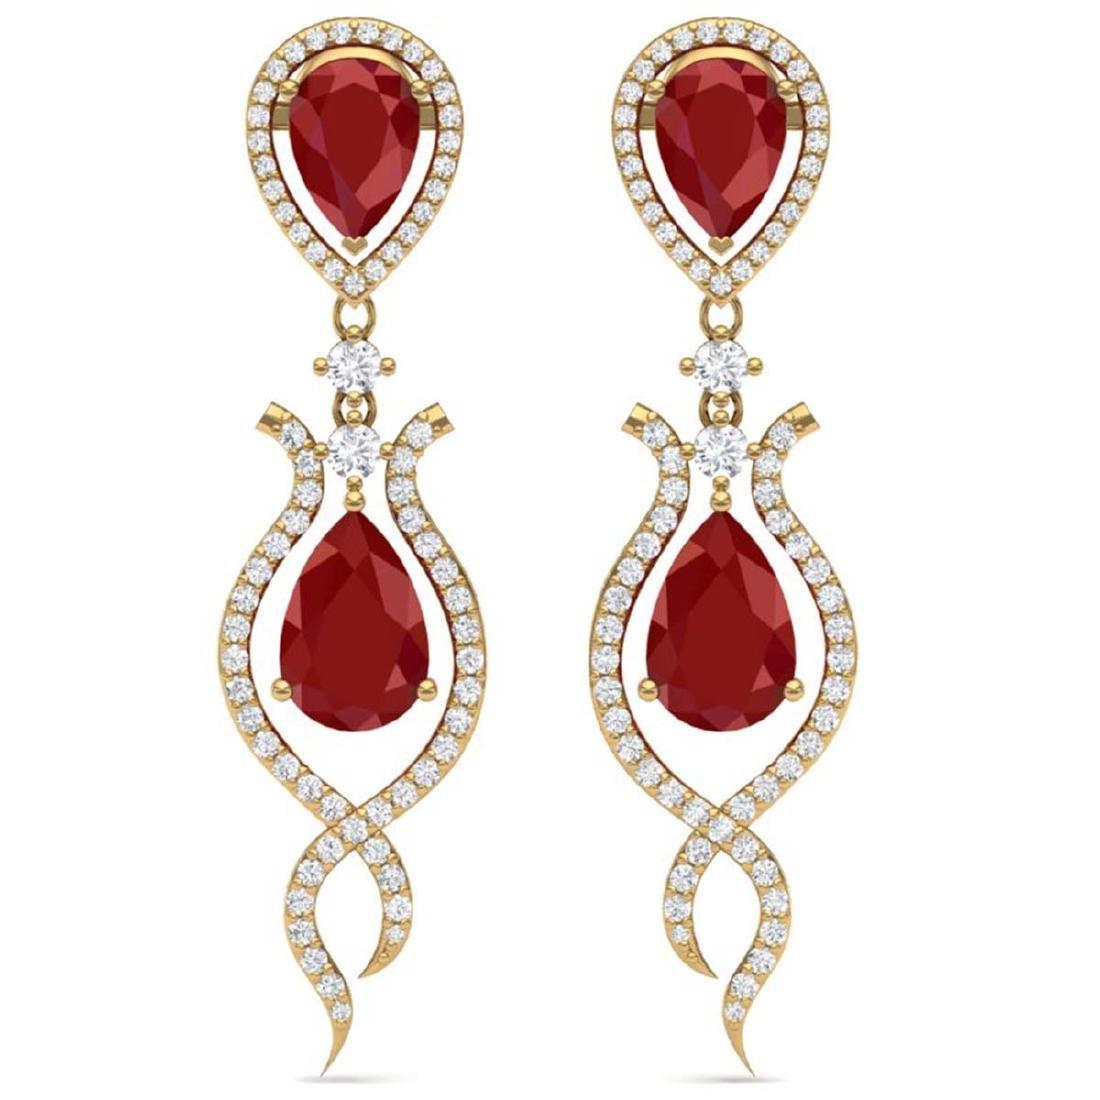 16.57 CTW Royalty Designer Ruby & VS Diamond Earrings